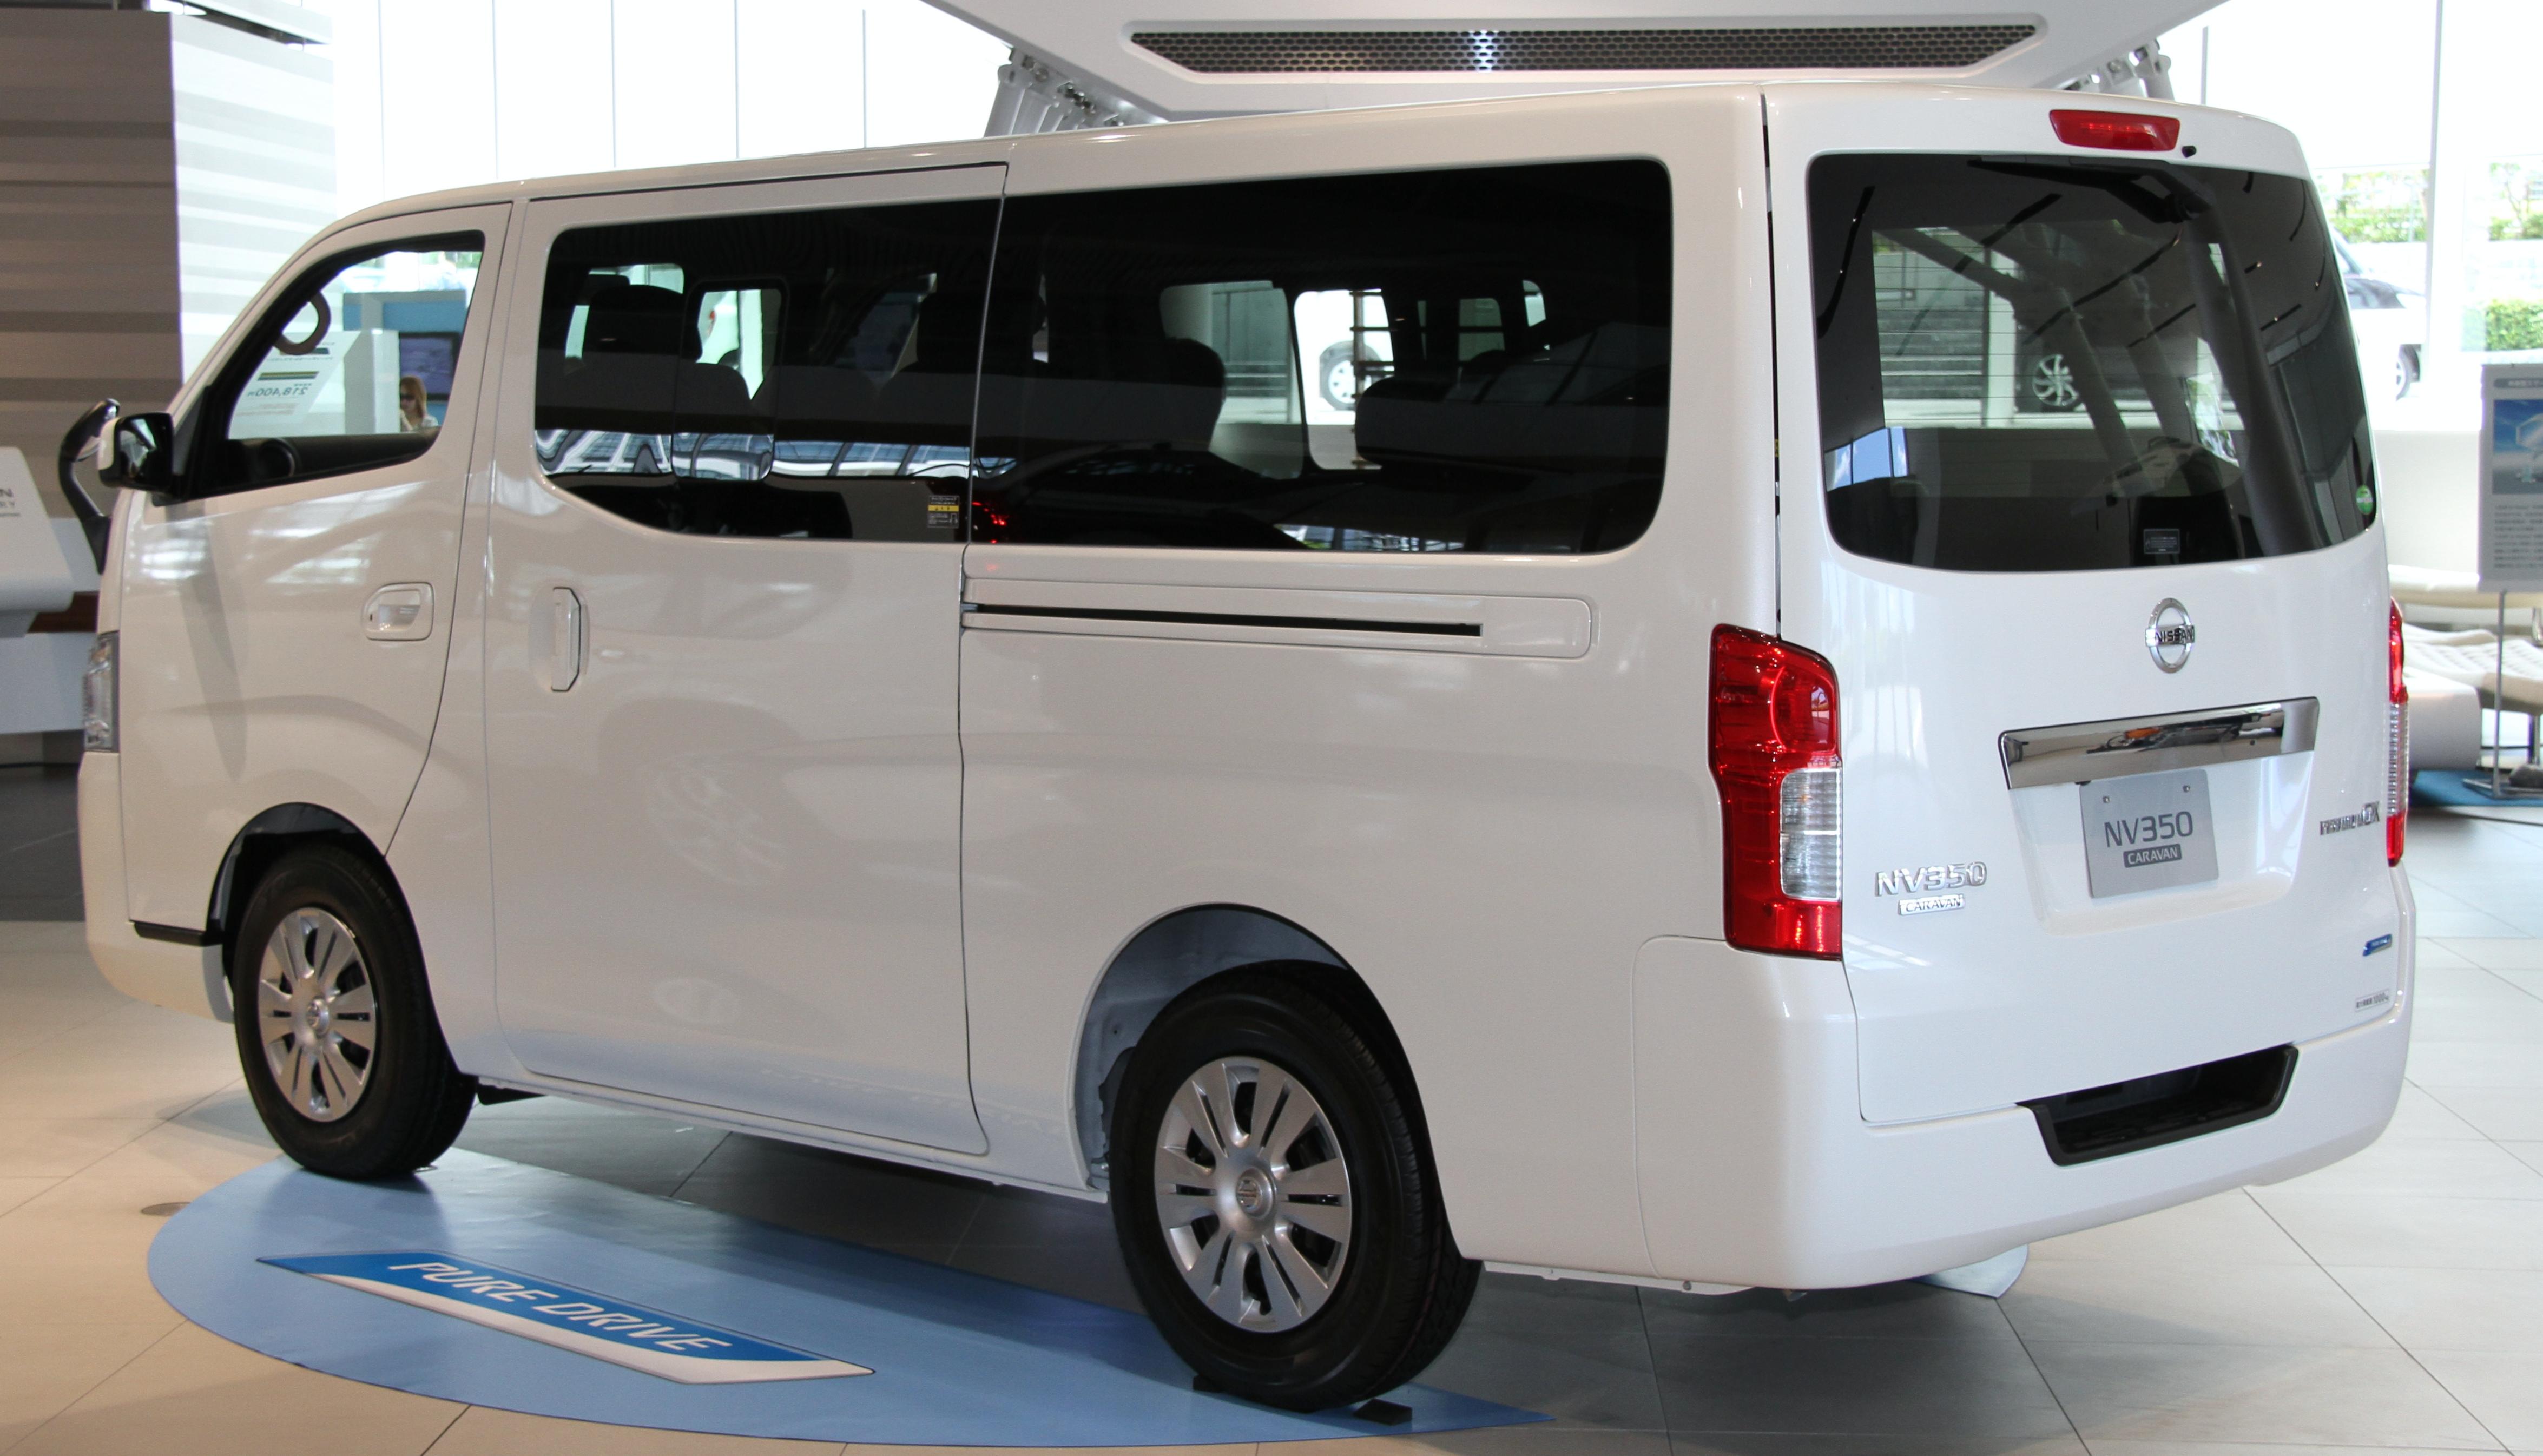 File Nissan Nv350 Caravan Rear Jpg Wikimedia Commons